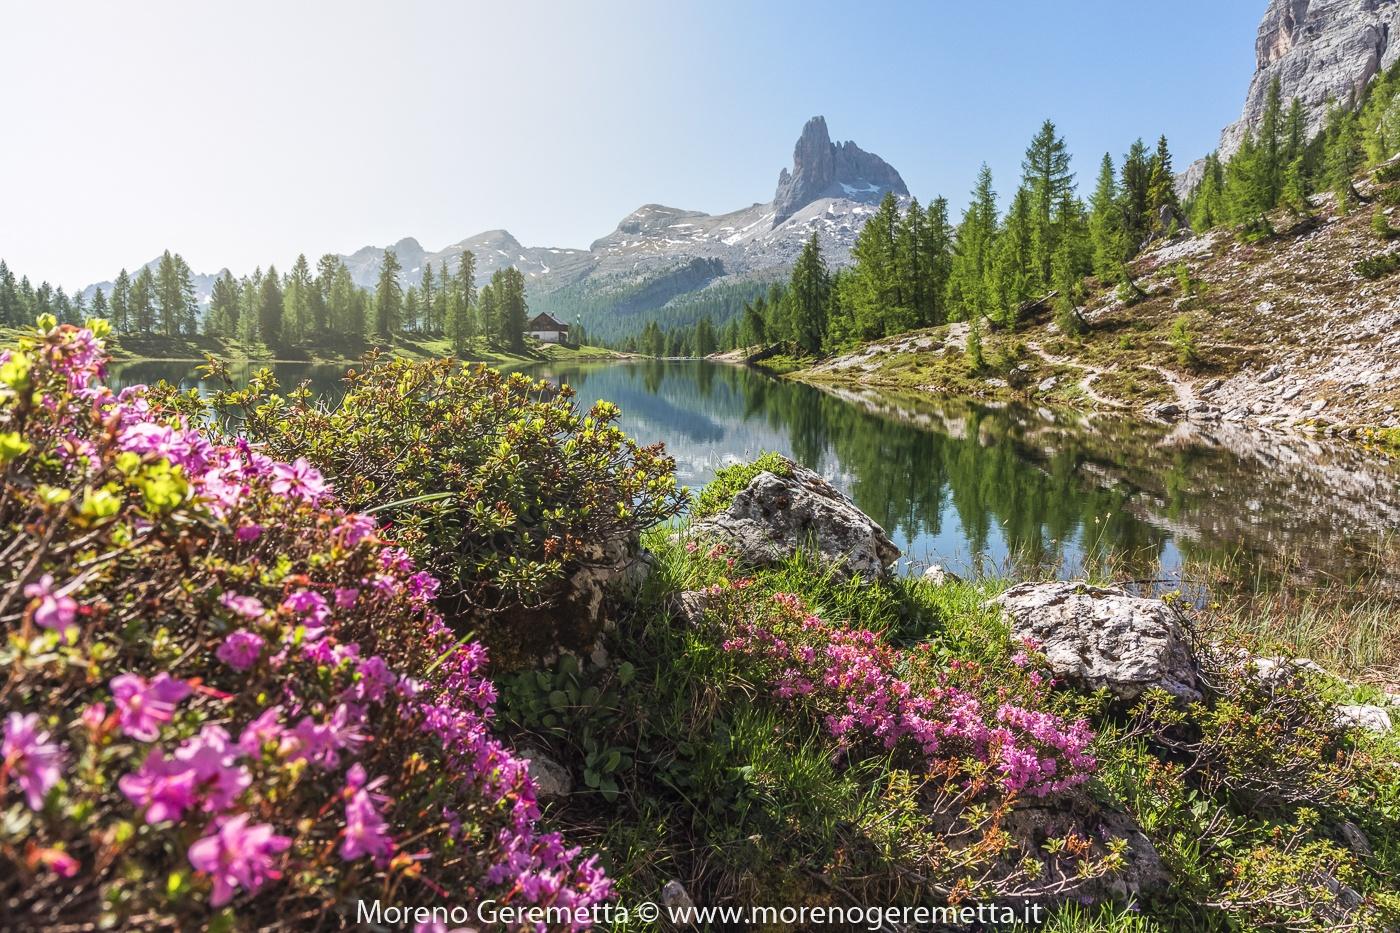 Croda da Lago di Moreno Geremetta